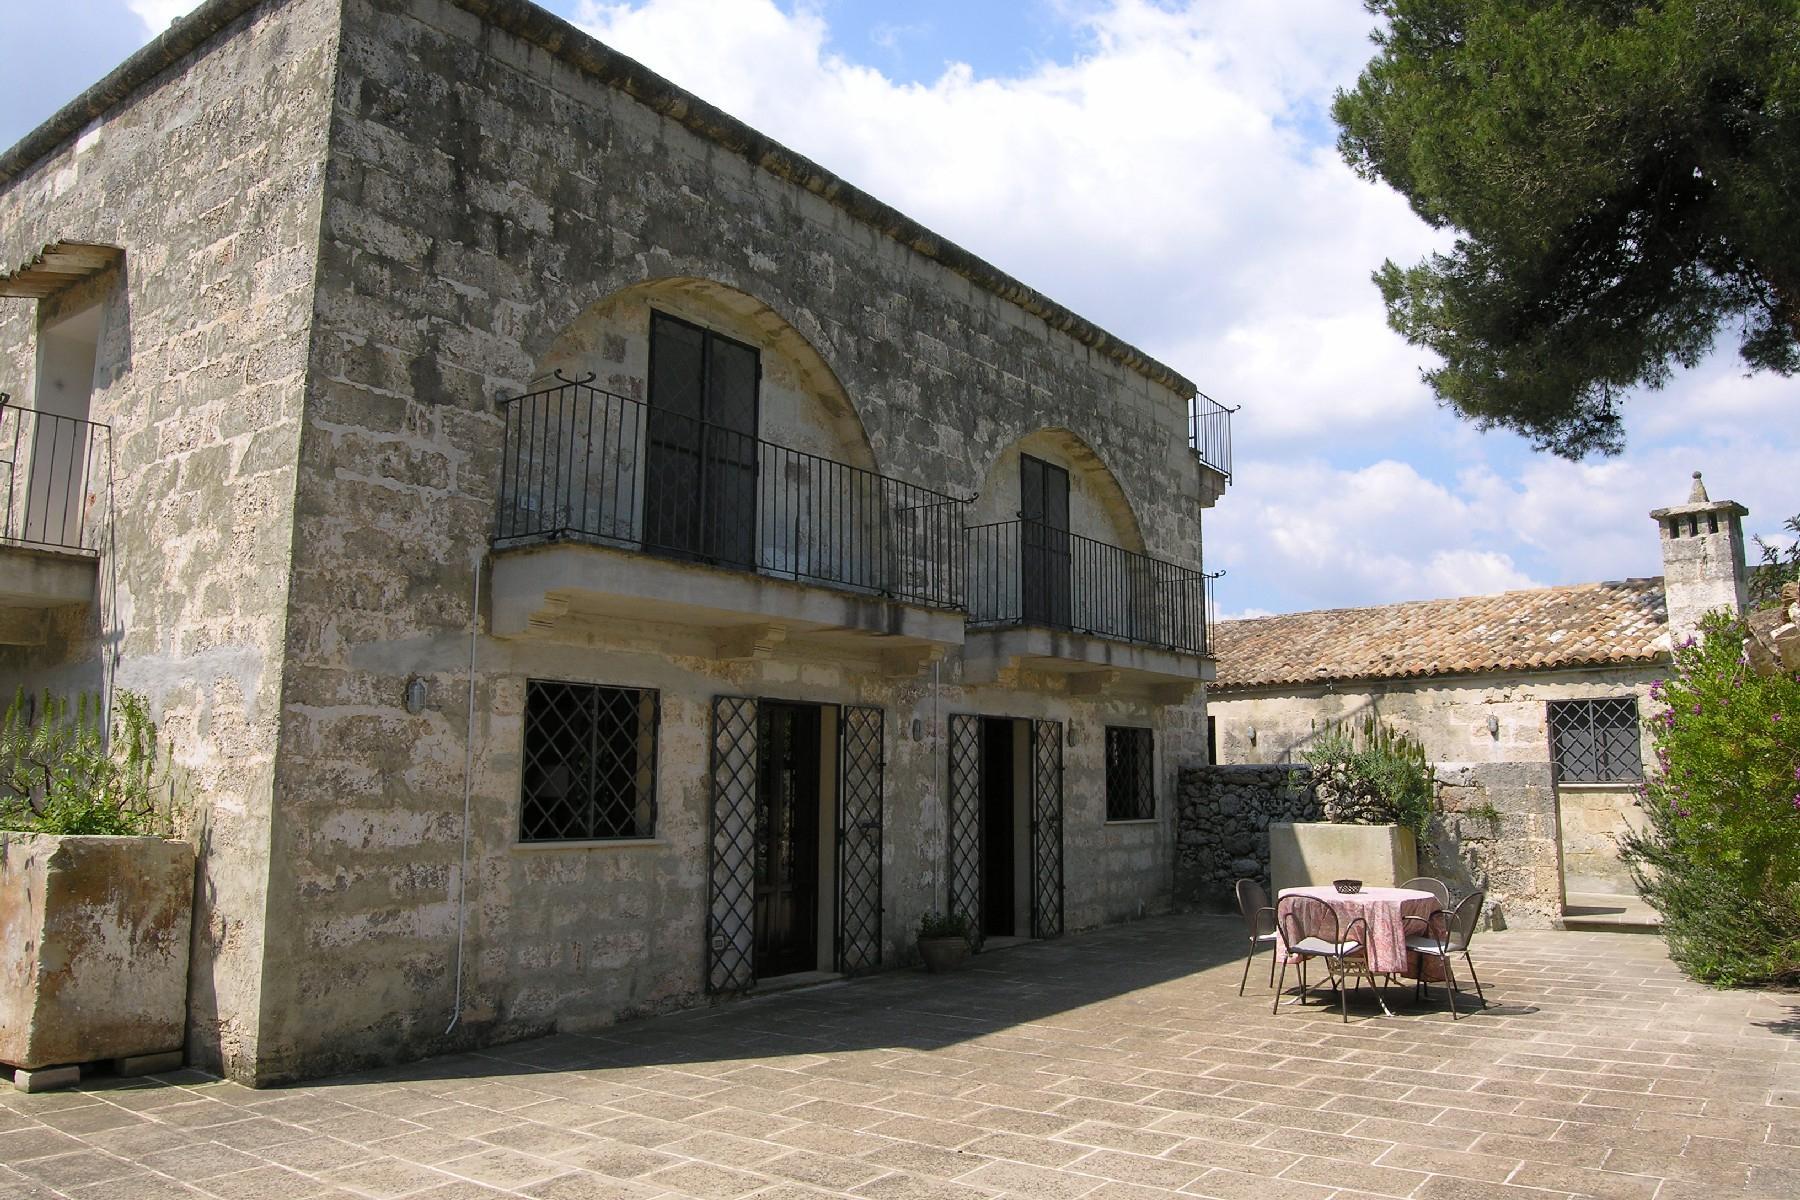 拥有Salento建筑特色典型的Masseria农场 - 12